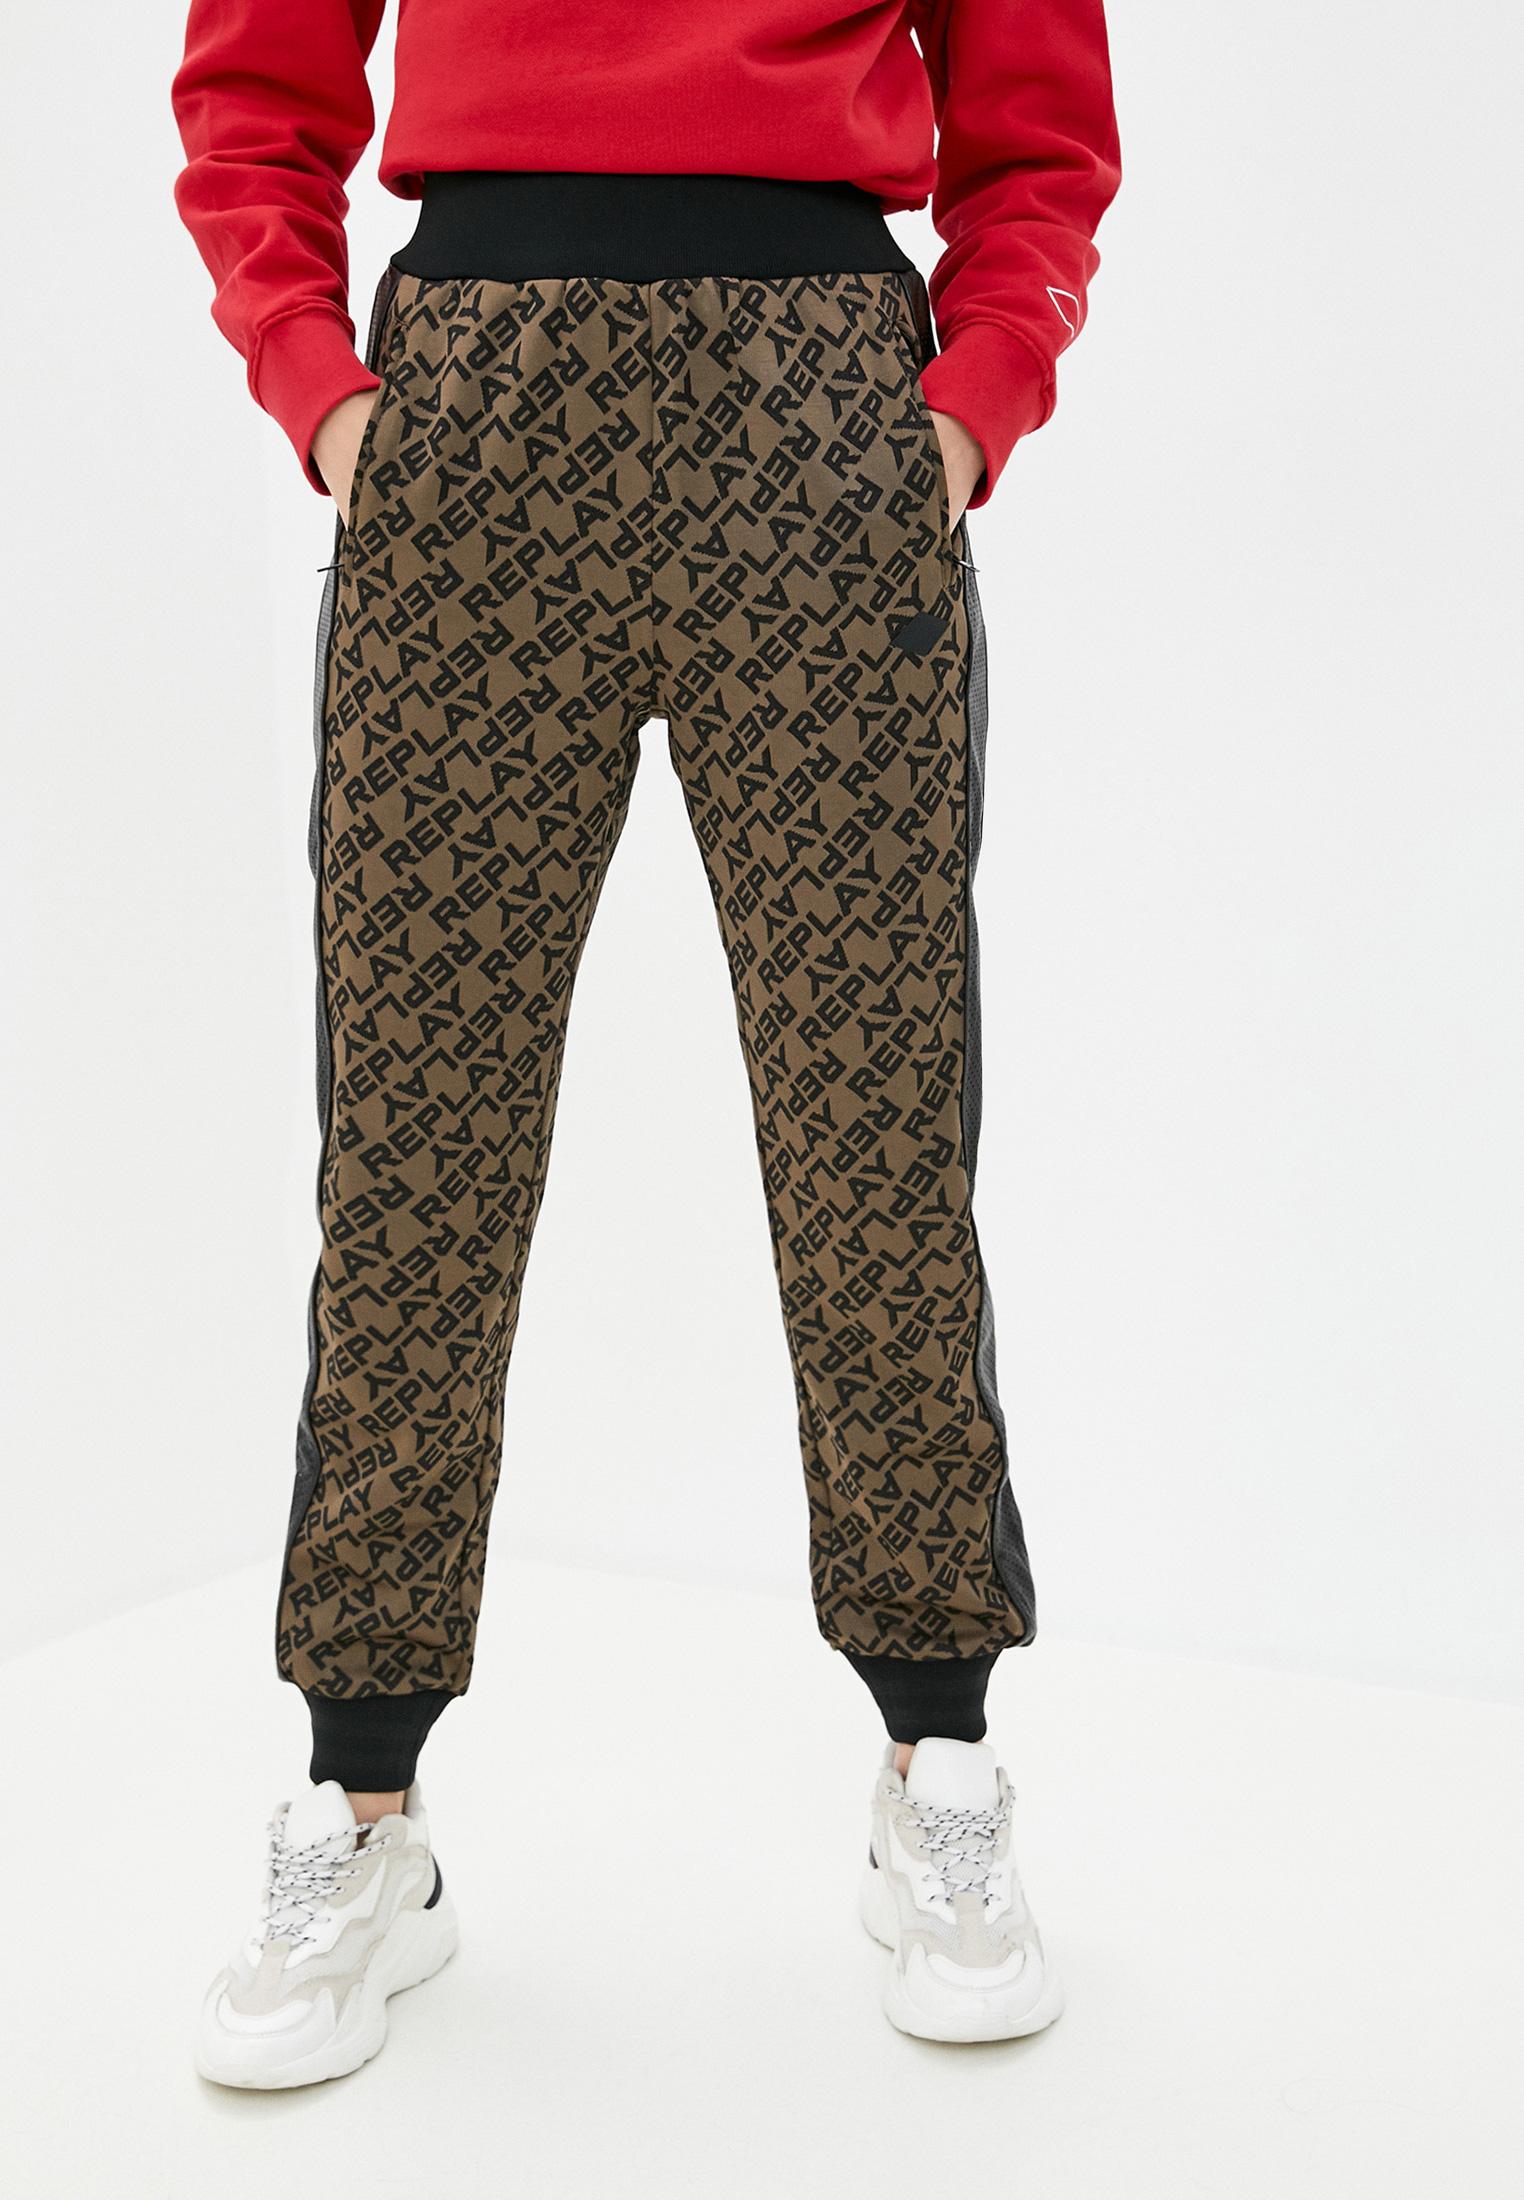 Женские спортивные брюки Replay (Реплей) W8530.000.52356